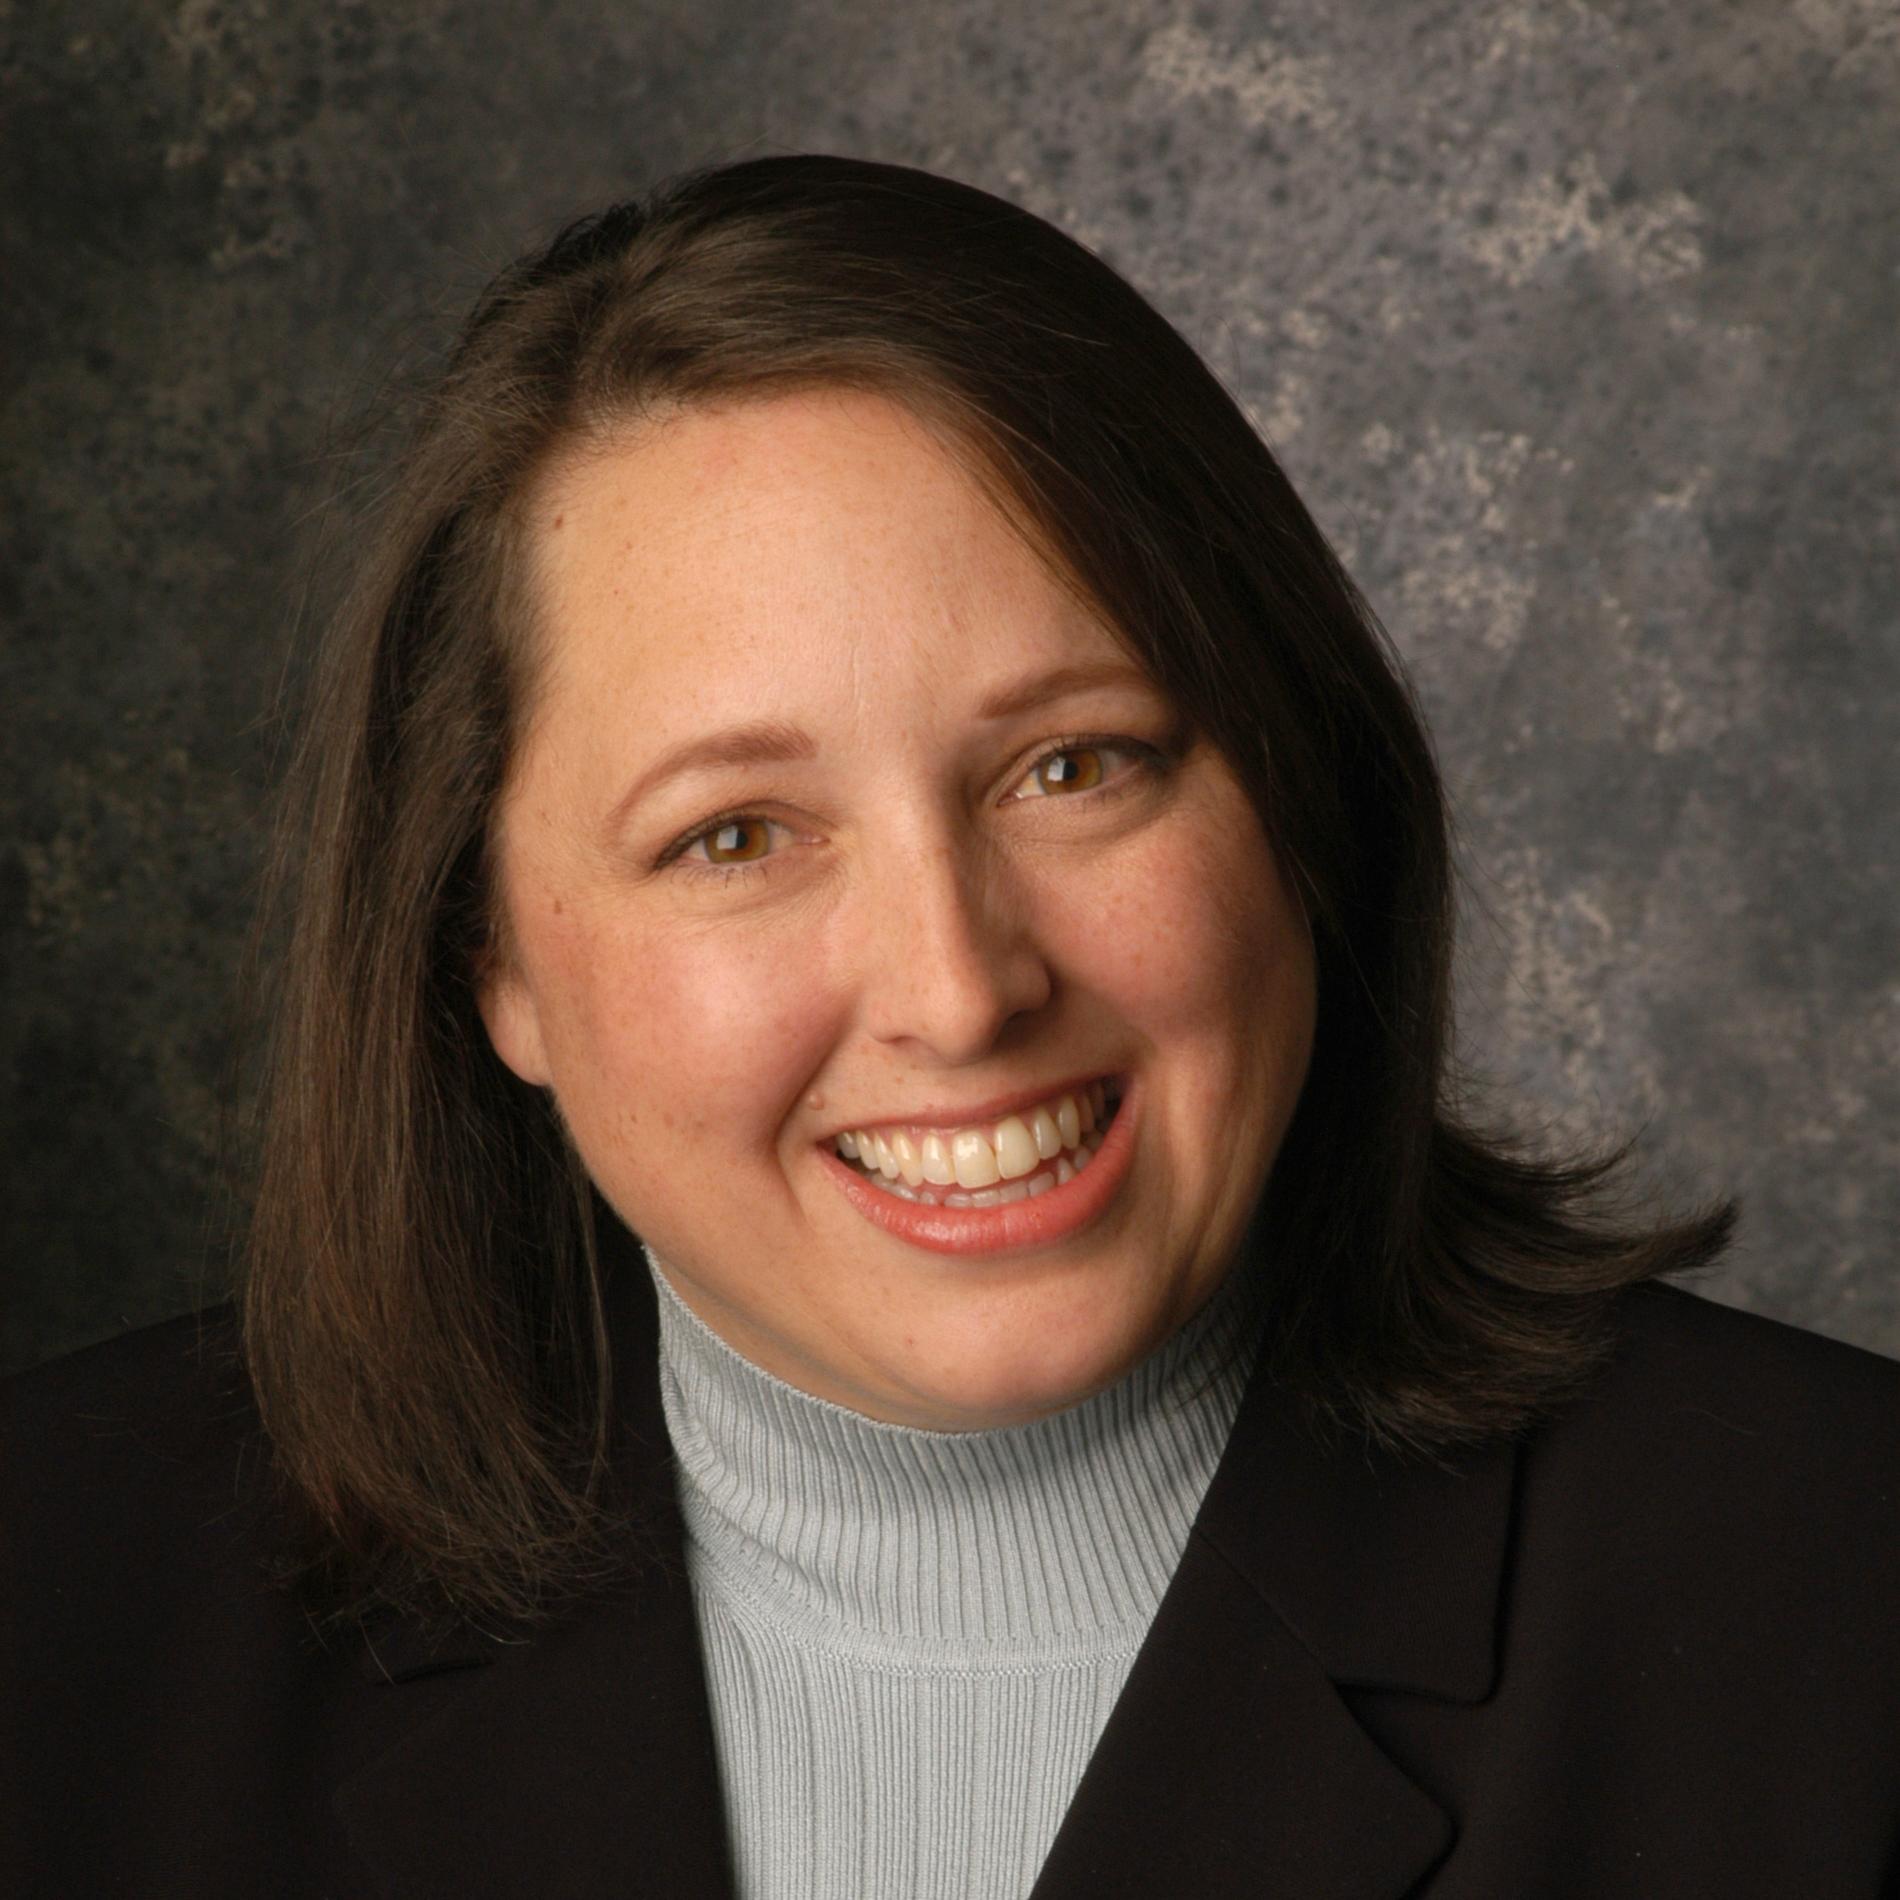 Stephanie Dupaul